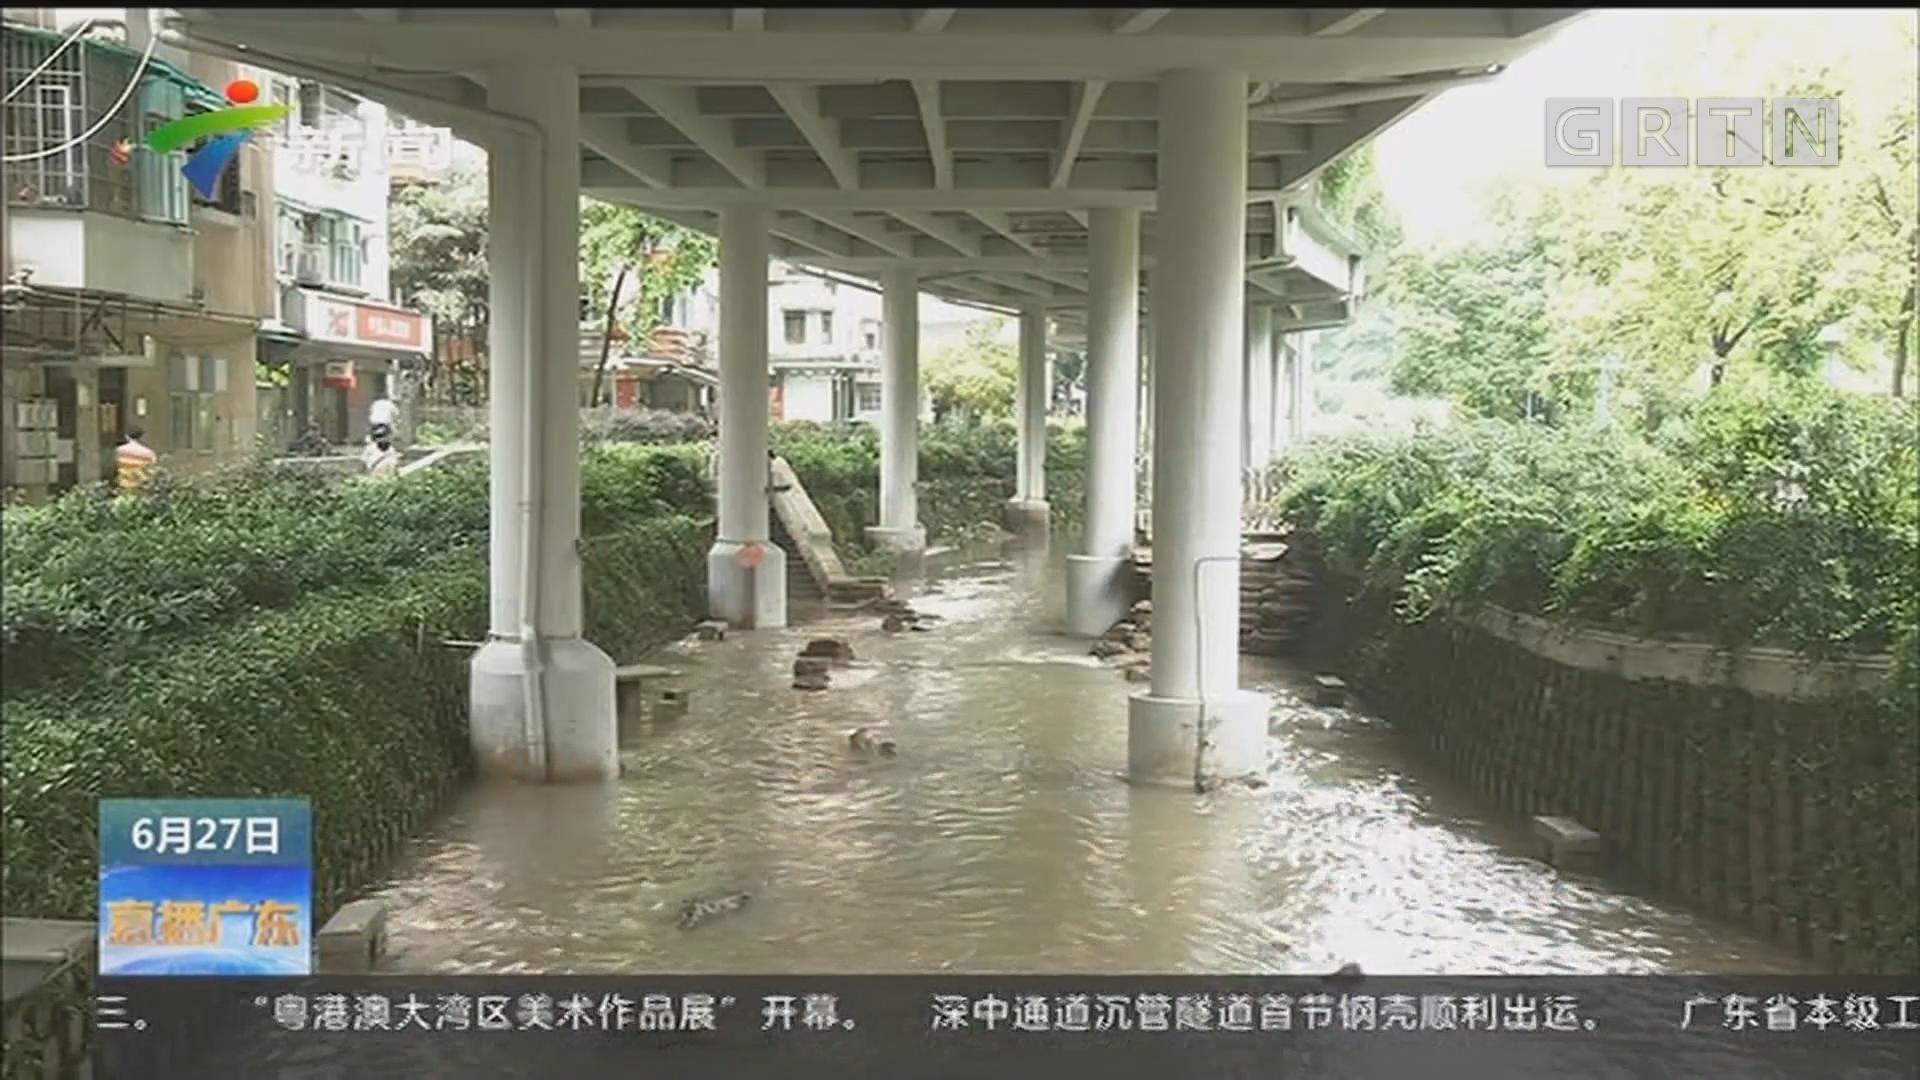 广州:连场大雨 东濠涌深隧试验阶段起作用了吗?